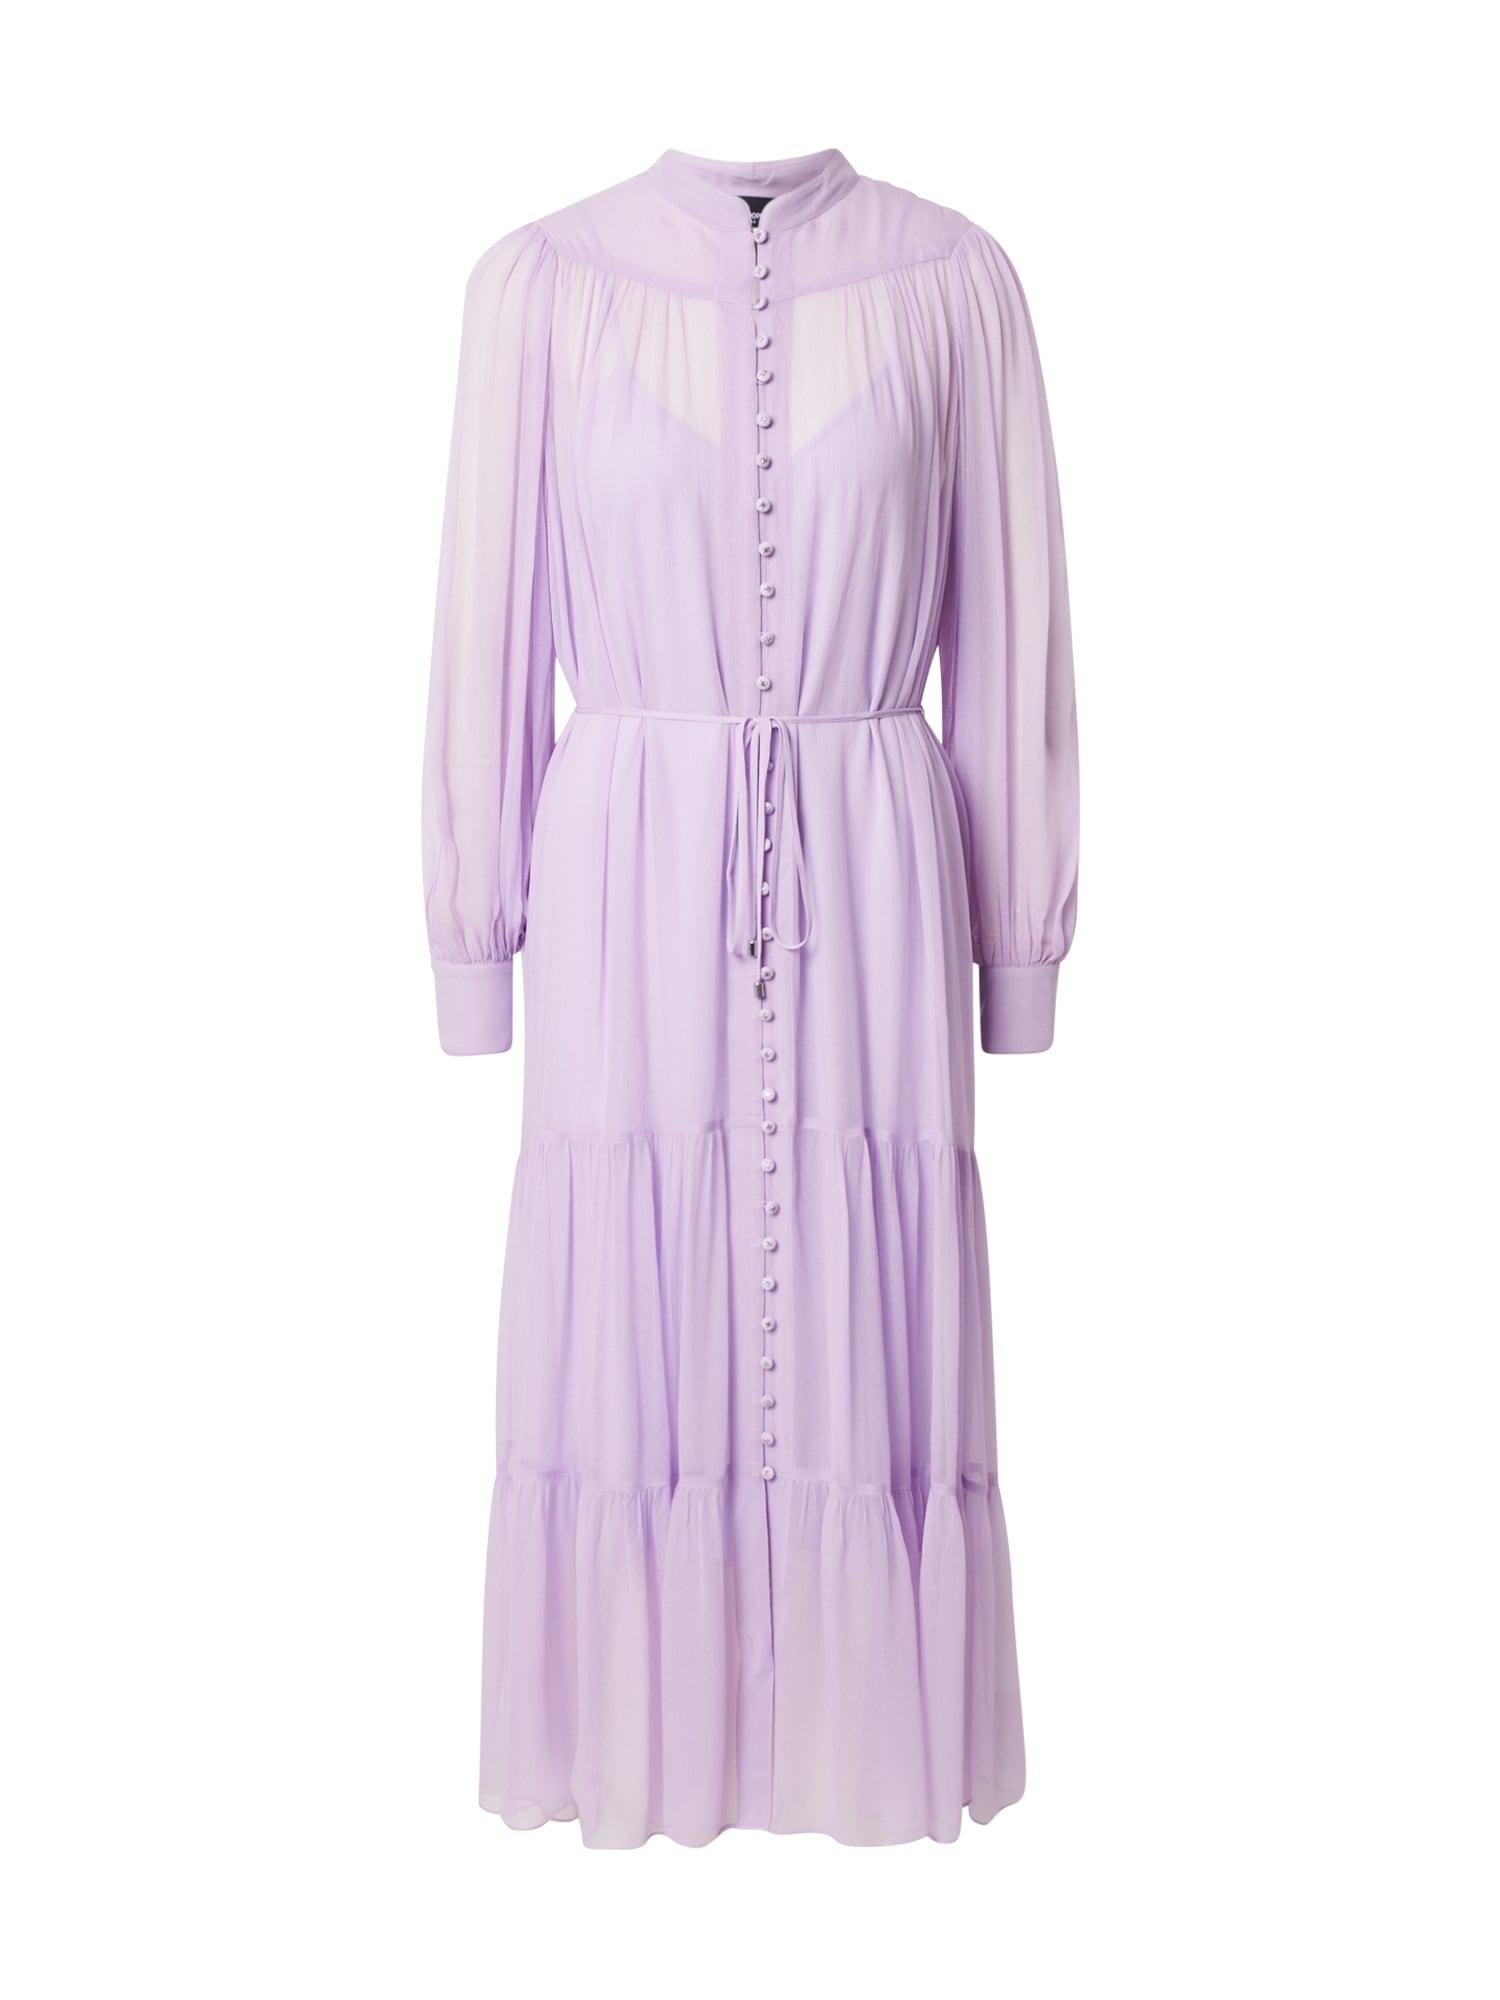 The Kooples Palaidinės tipo suknelė rausvai violetinė spalva